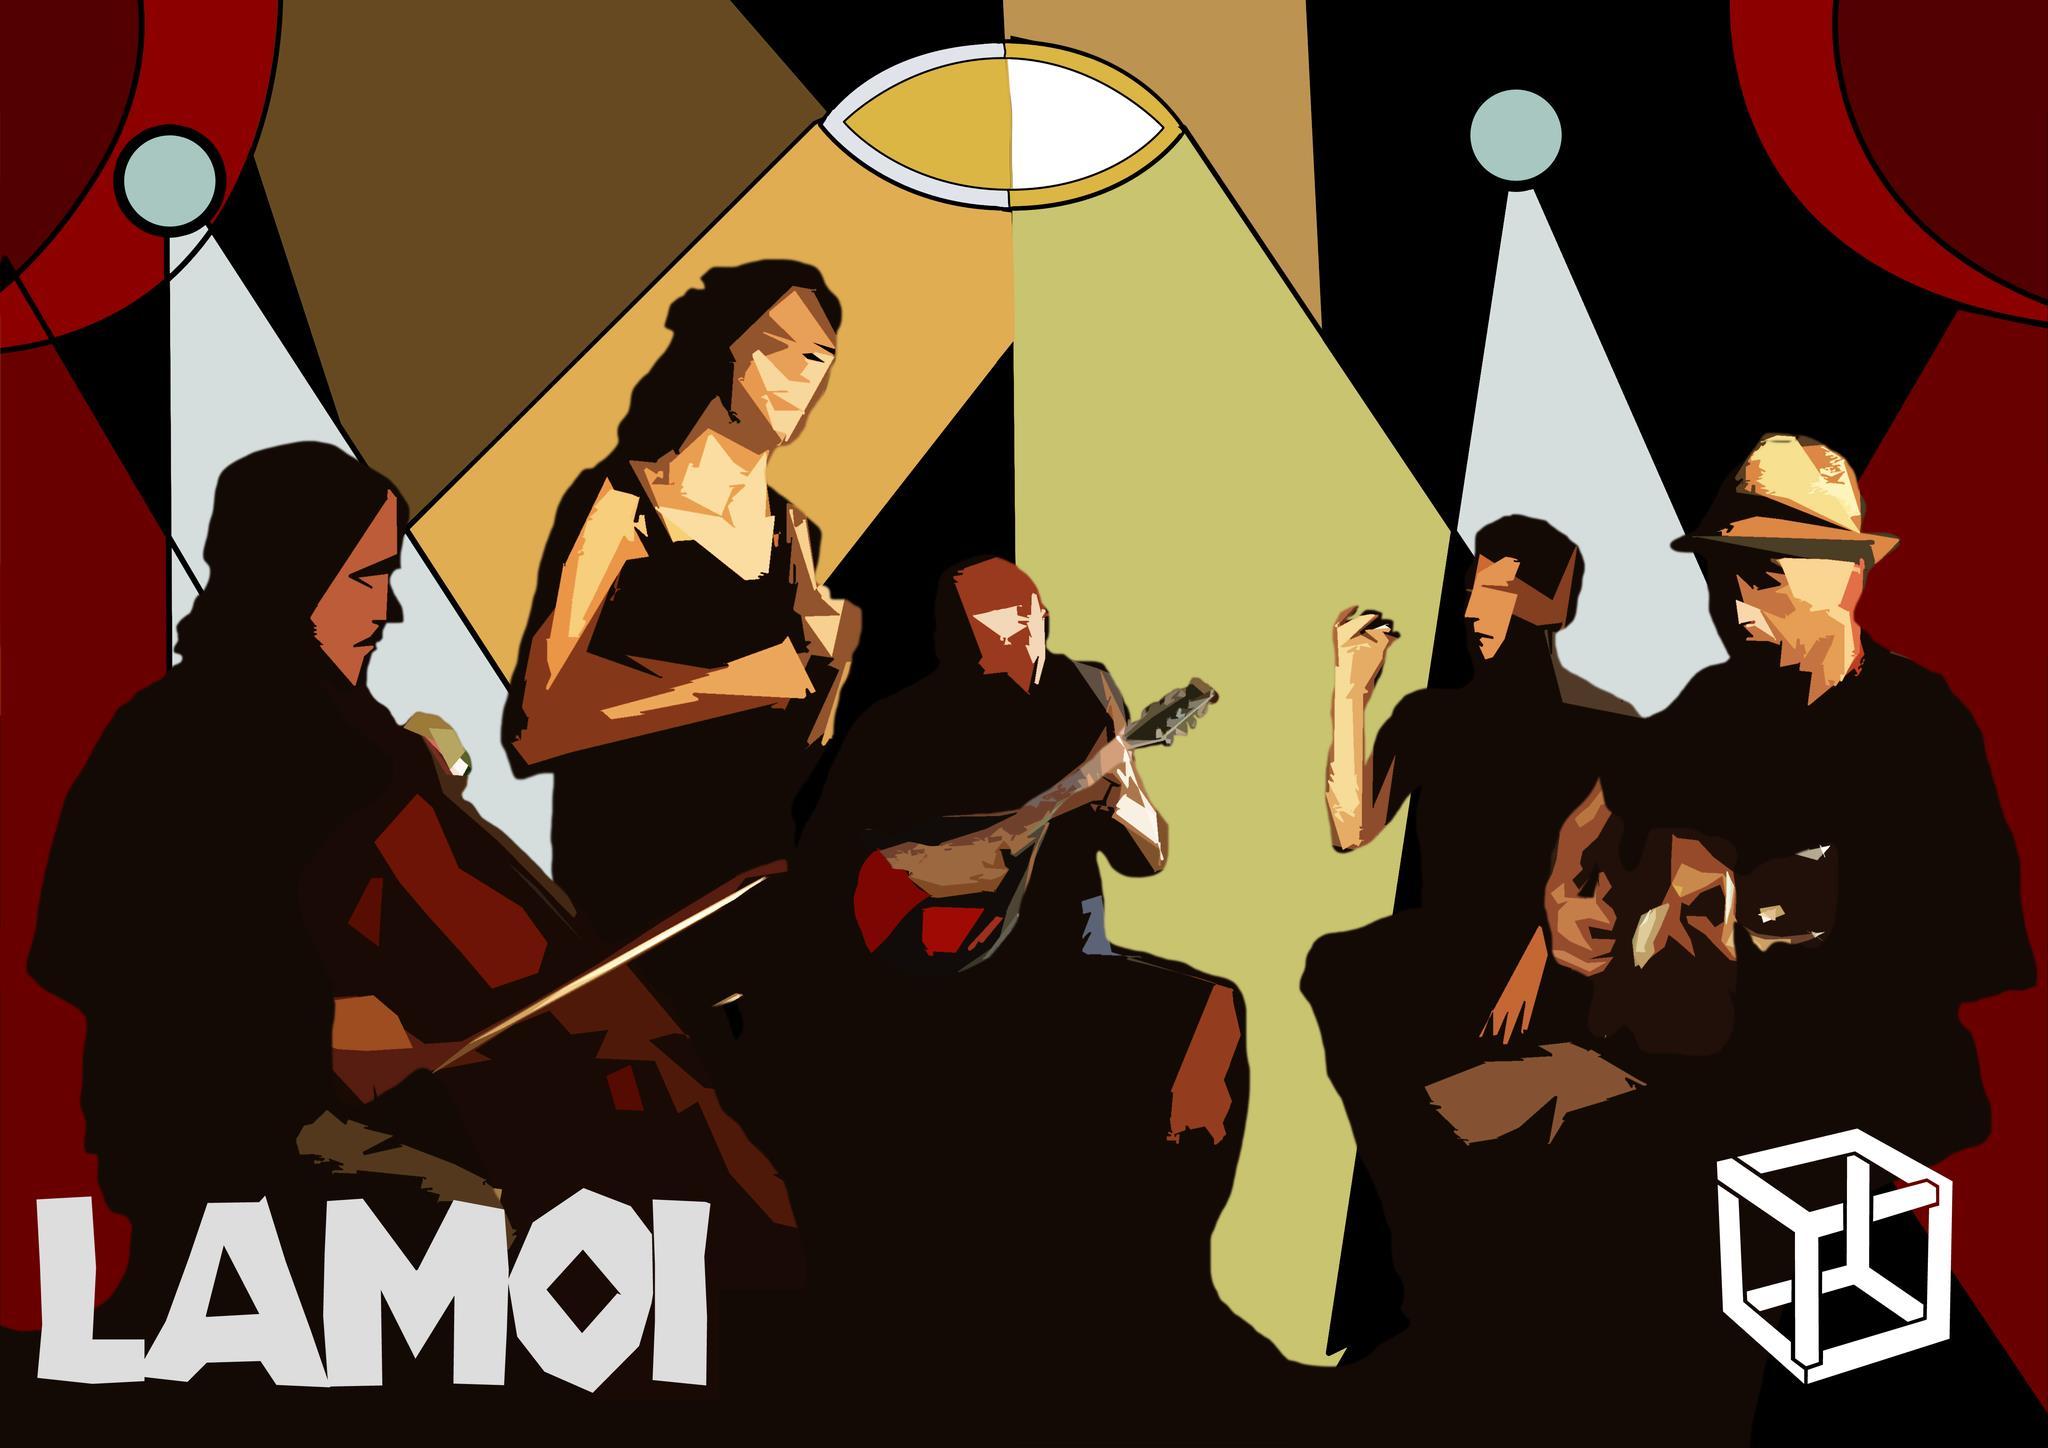 lamoi